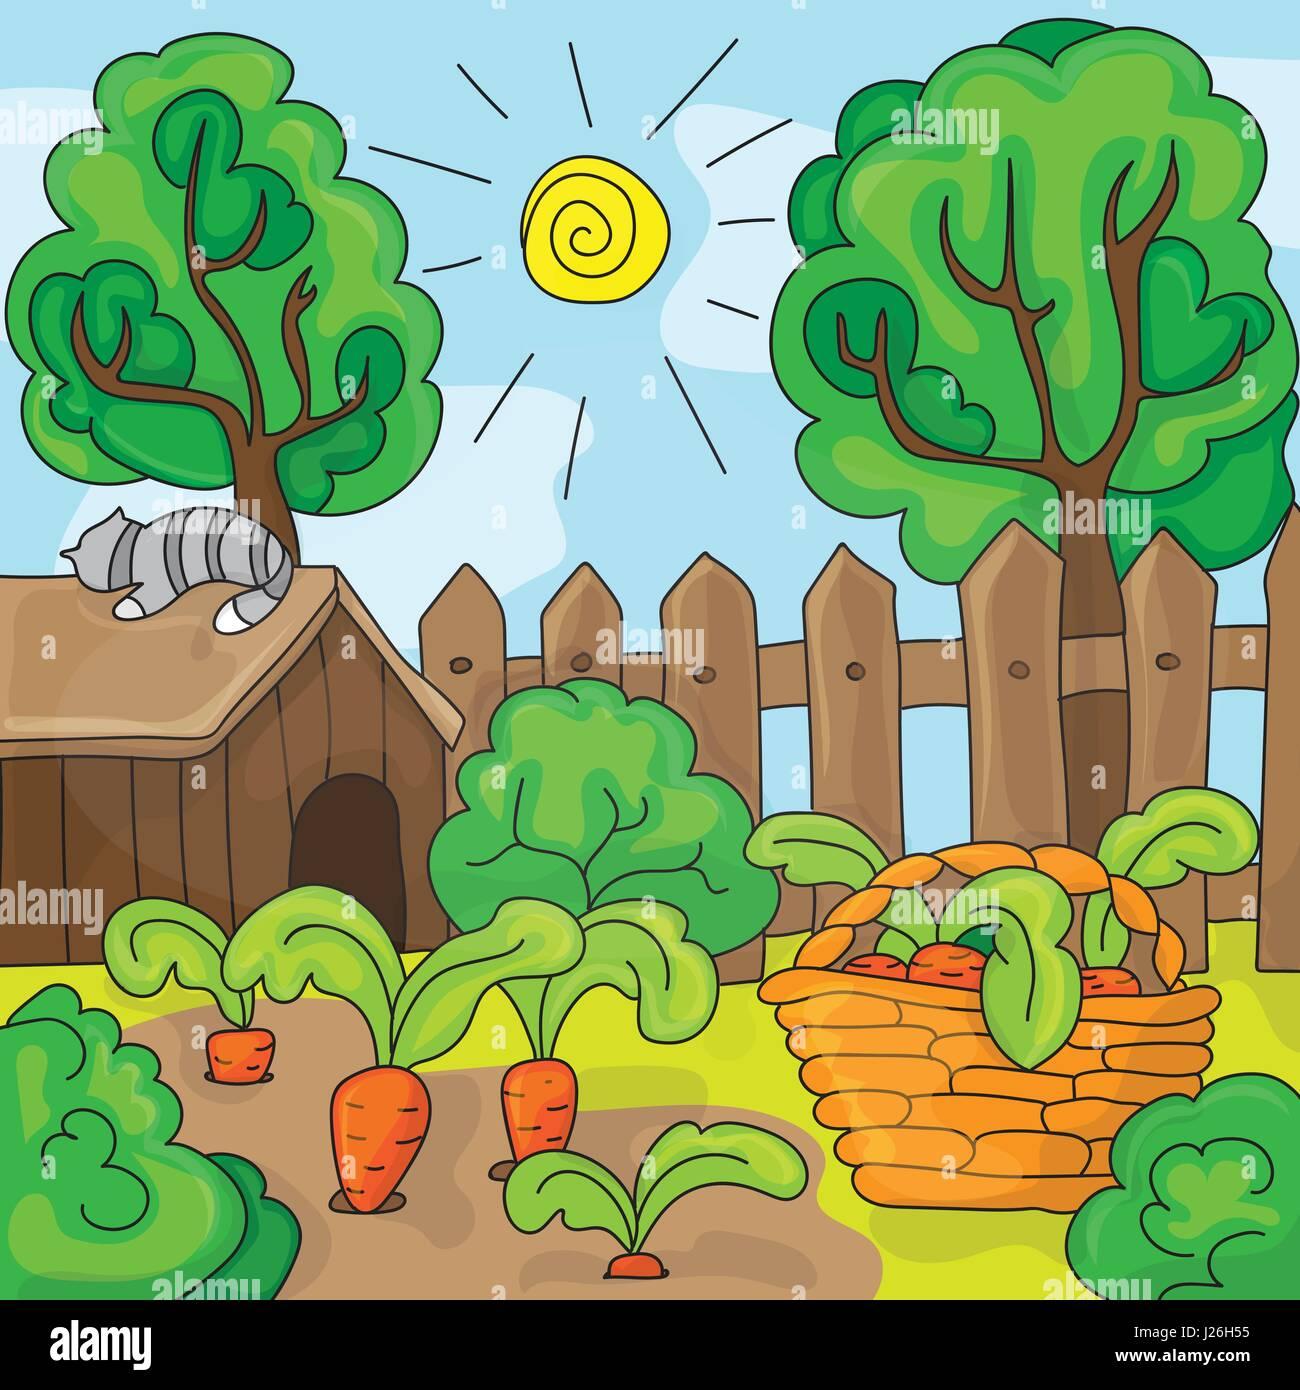 Fresh Carrot Leaves Root Illustration Stock Photos & Fresh ...